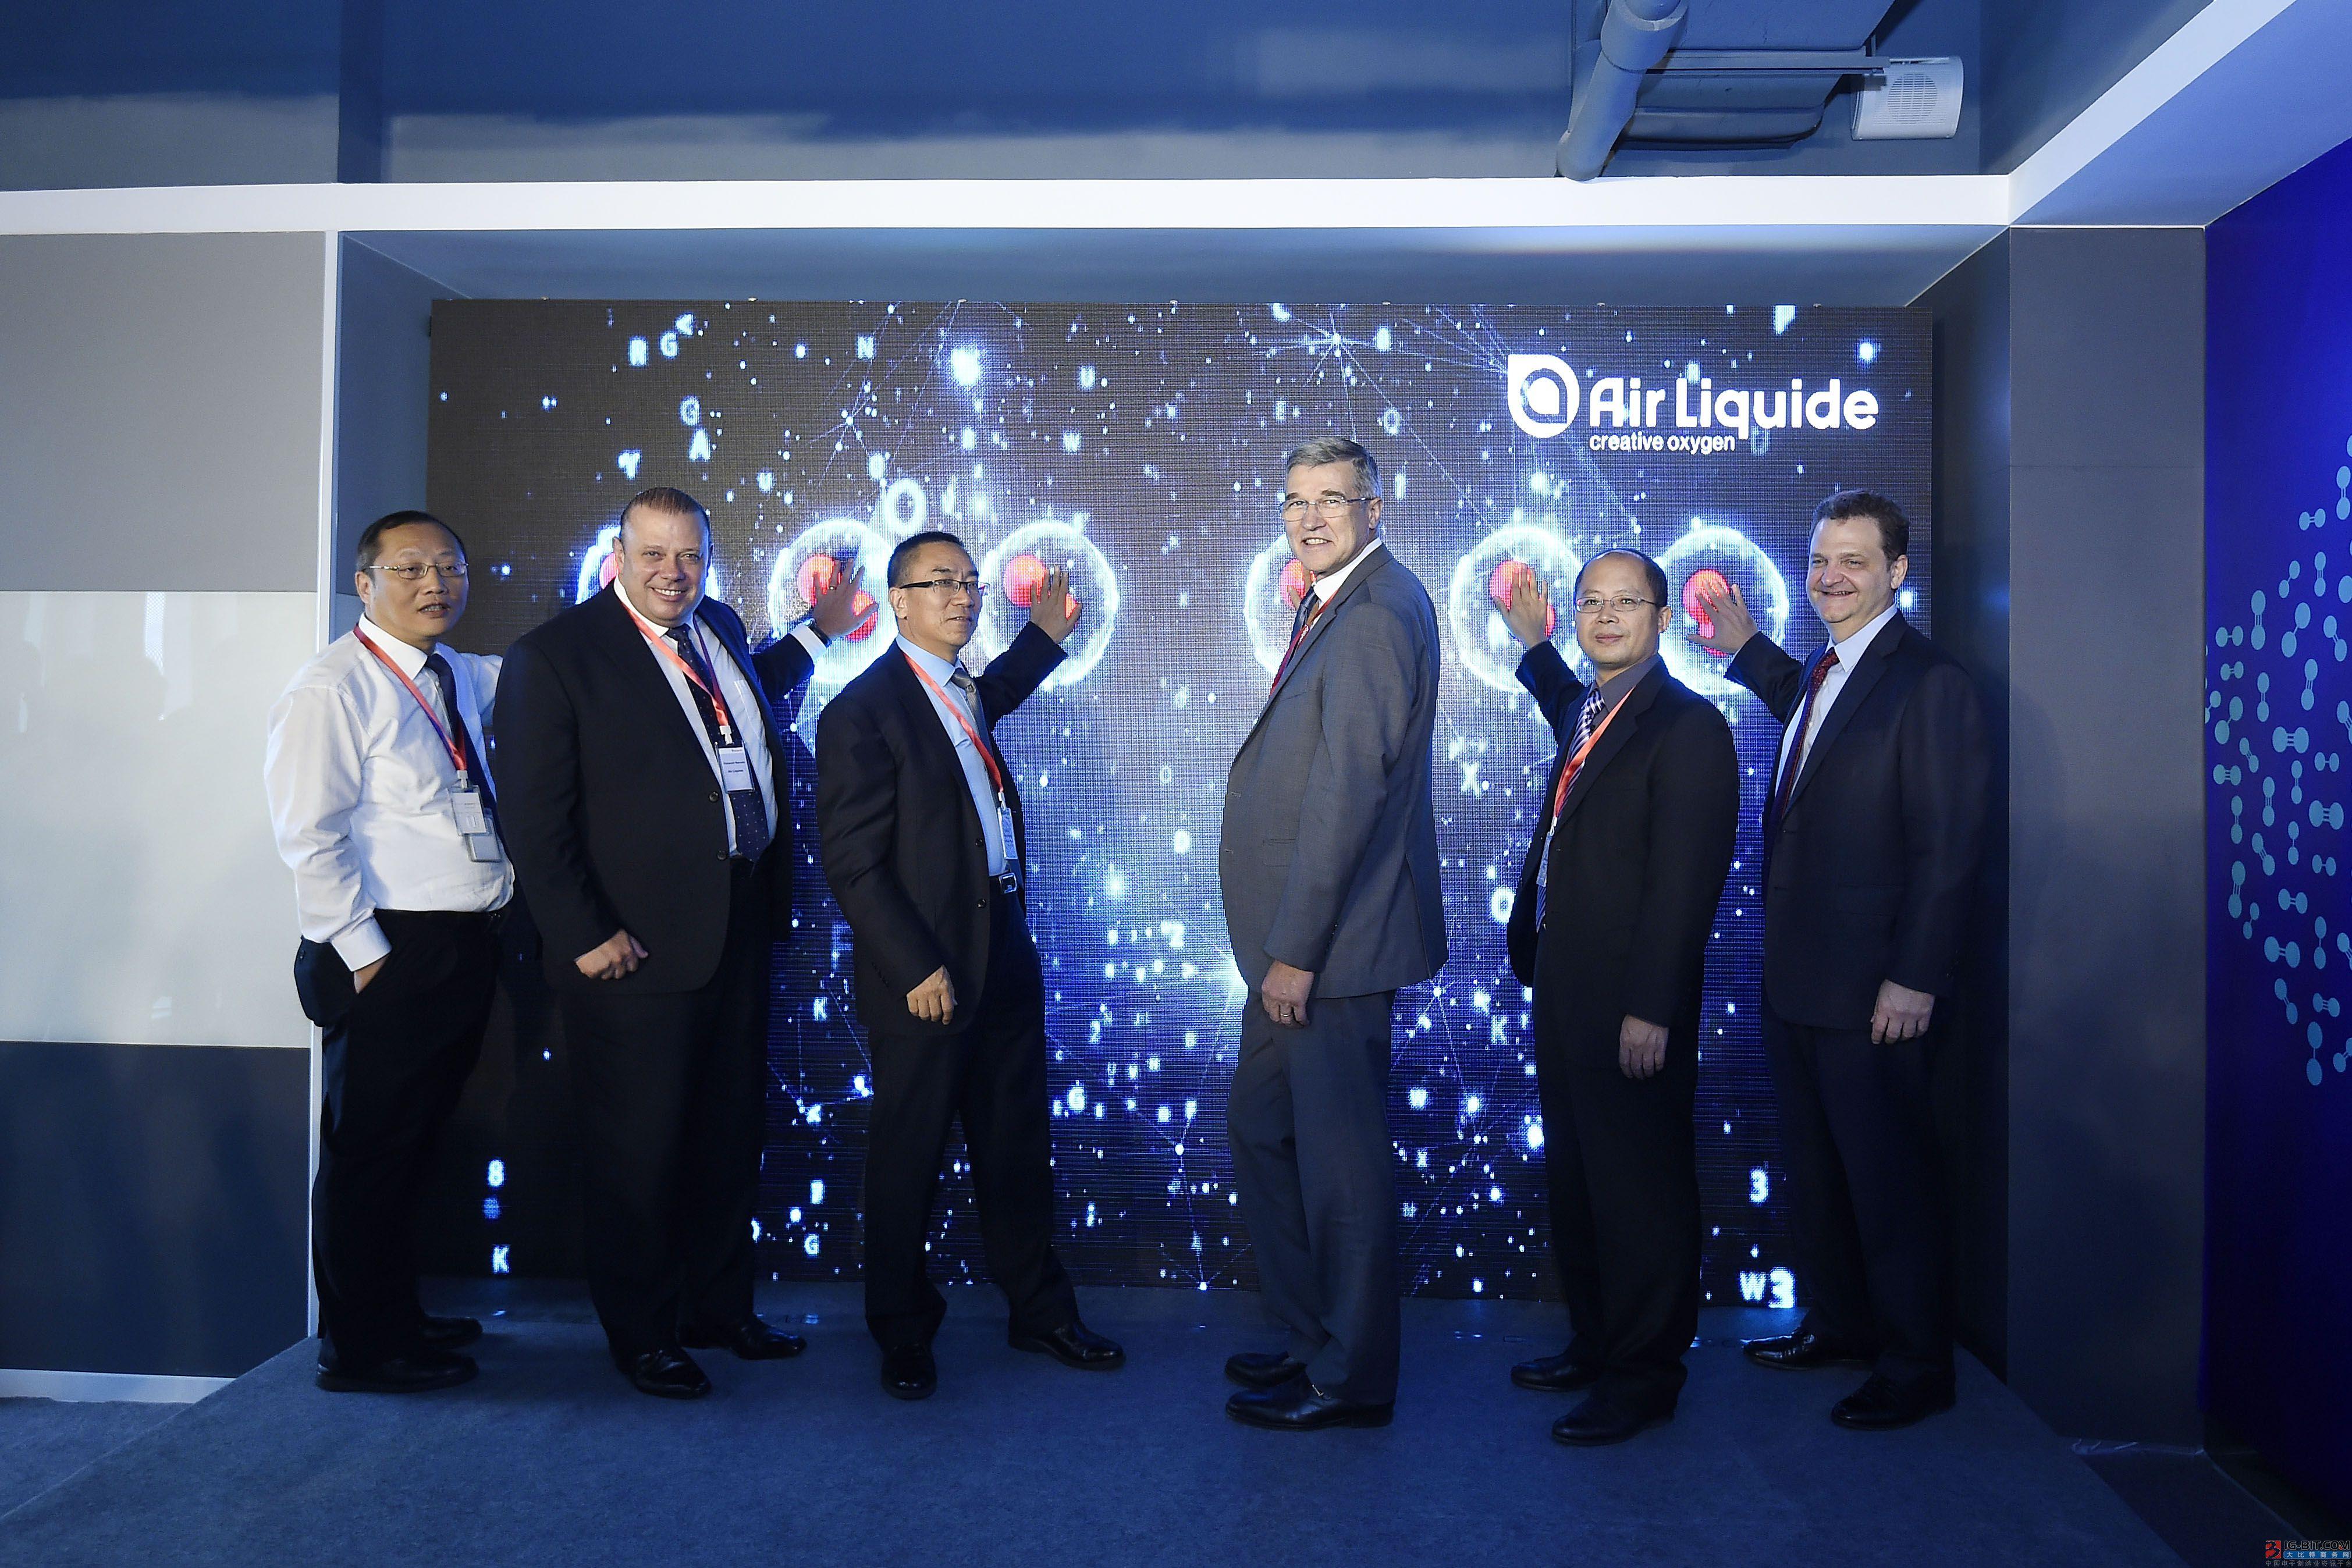 液化空气中国揭幕数字化运营中心:进一步迈向数字化运营模式